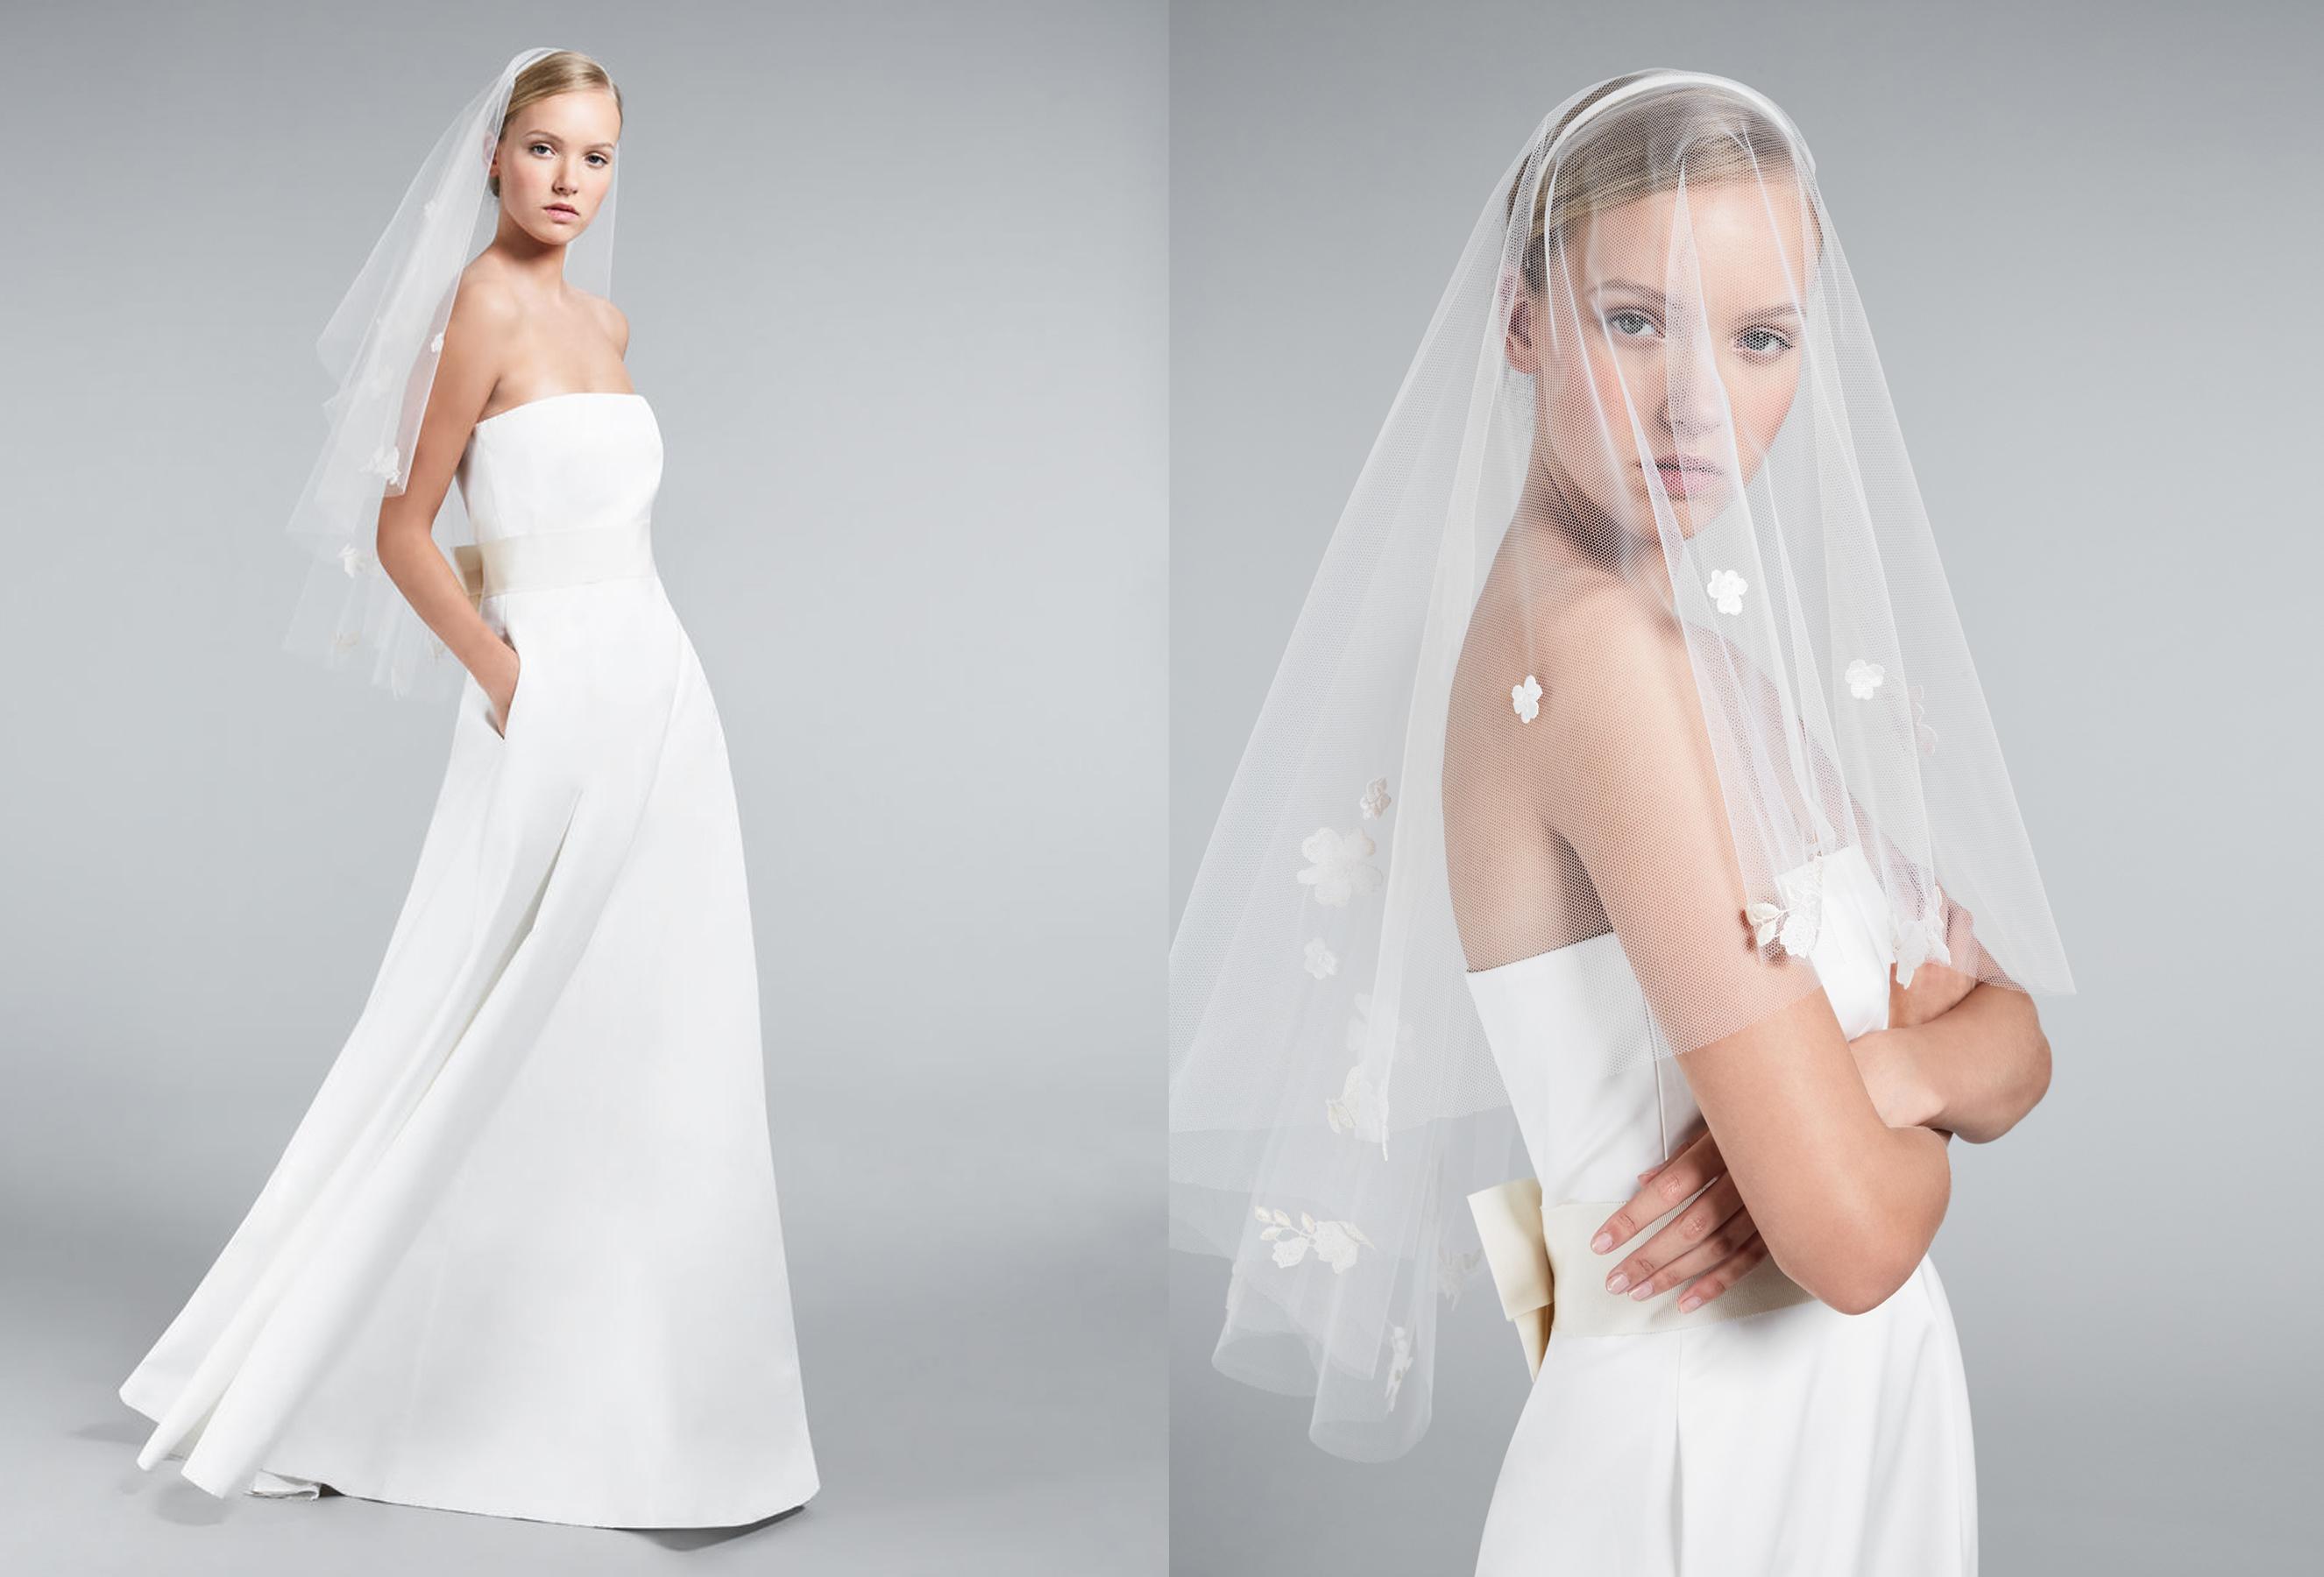 540903813c Τα αξεσουάρ που δεν πρέπει να λείπουν από κανένα bridal look!